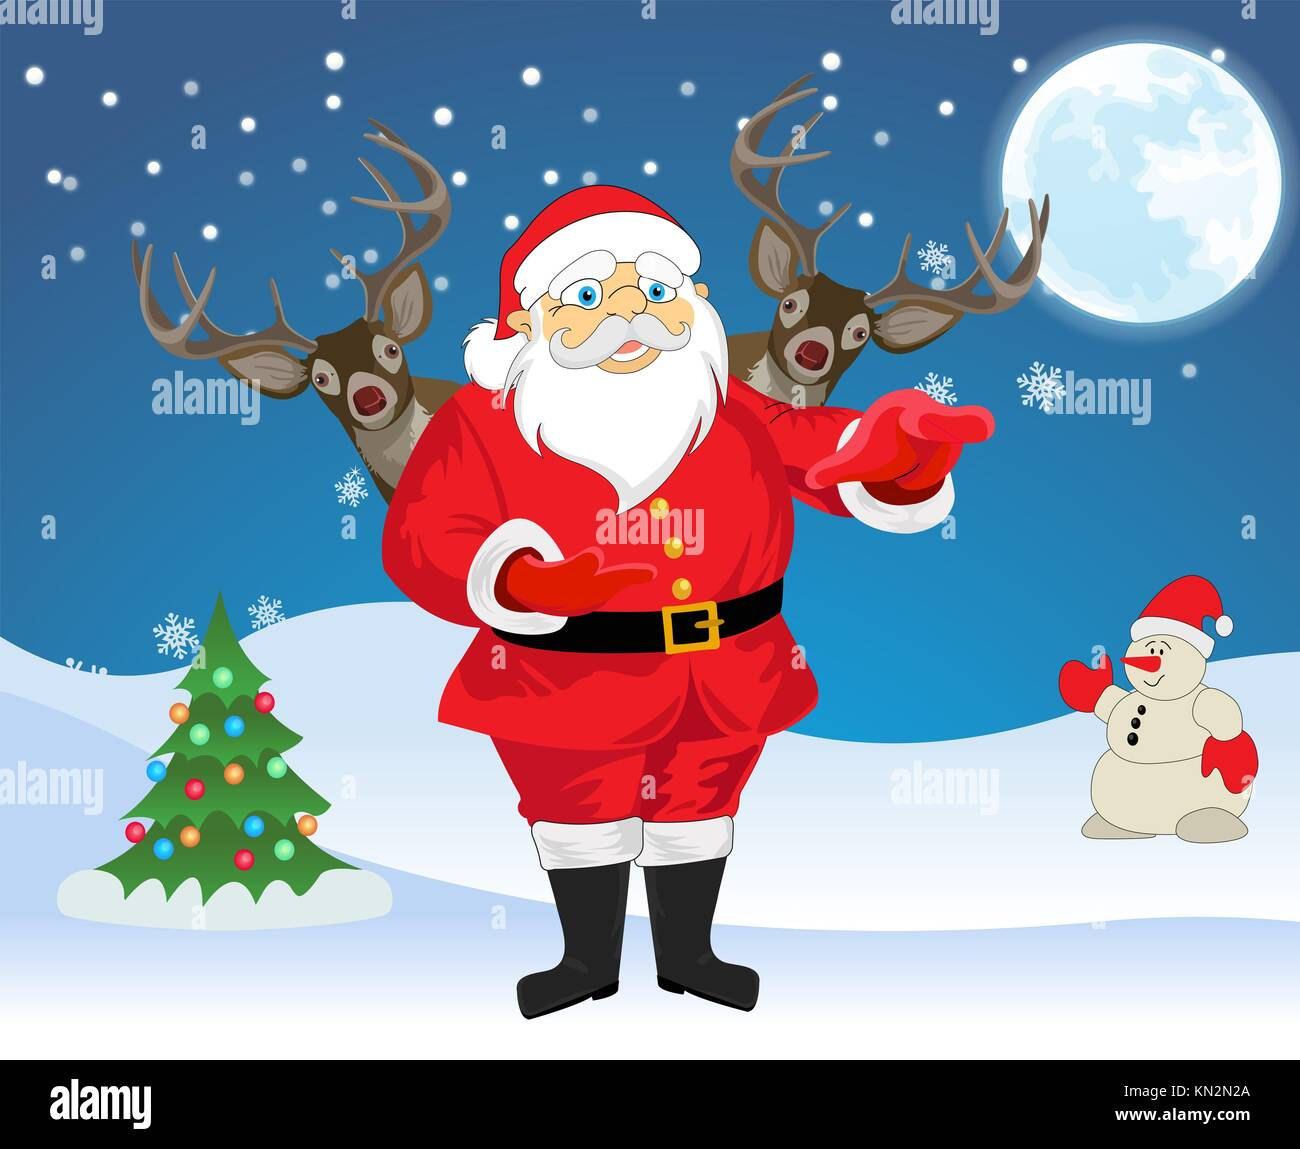 Sfondi Natalizi Renne.Babbo Natale E 2 Renne In Blu E Sfondo Bianco Con Albero Di Natale